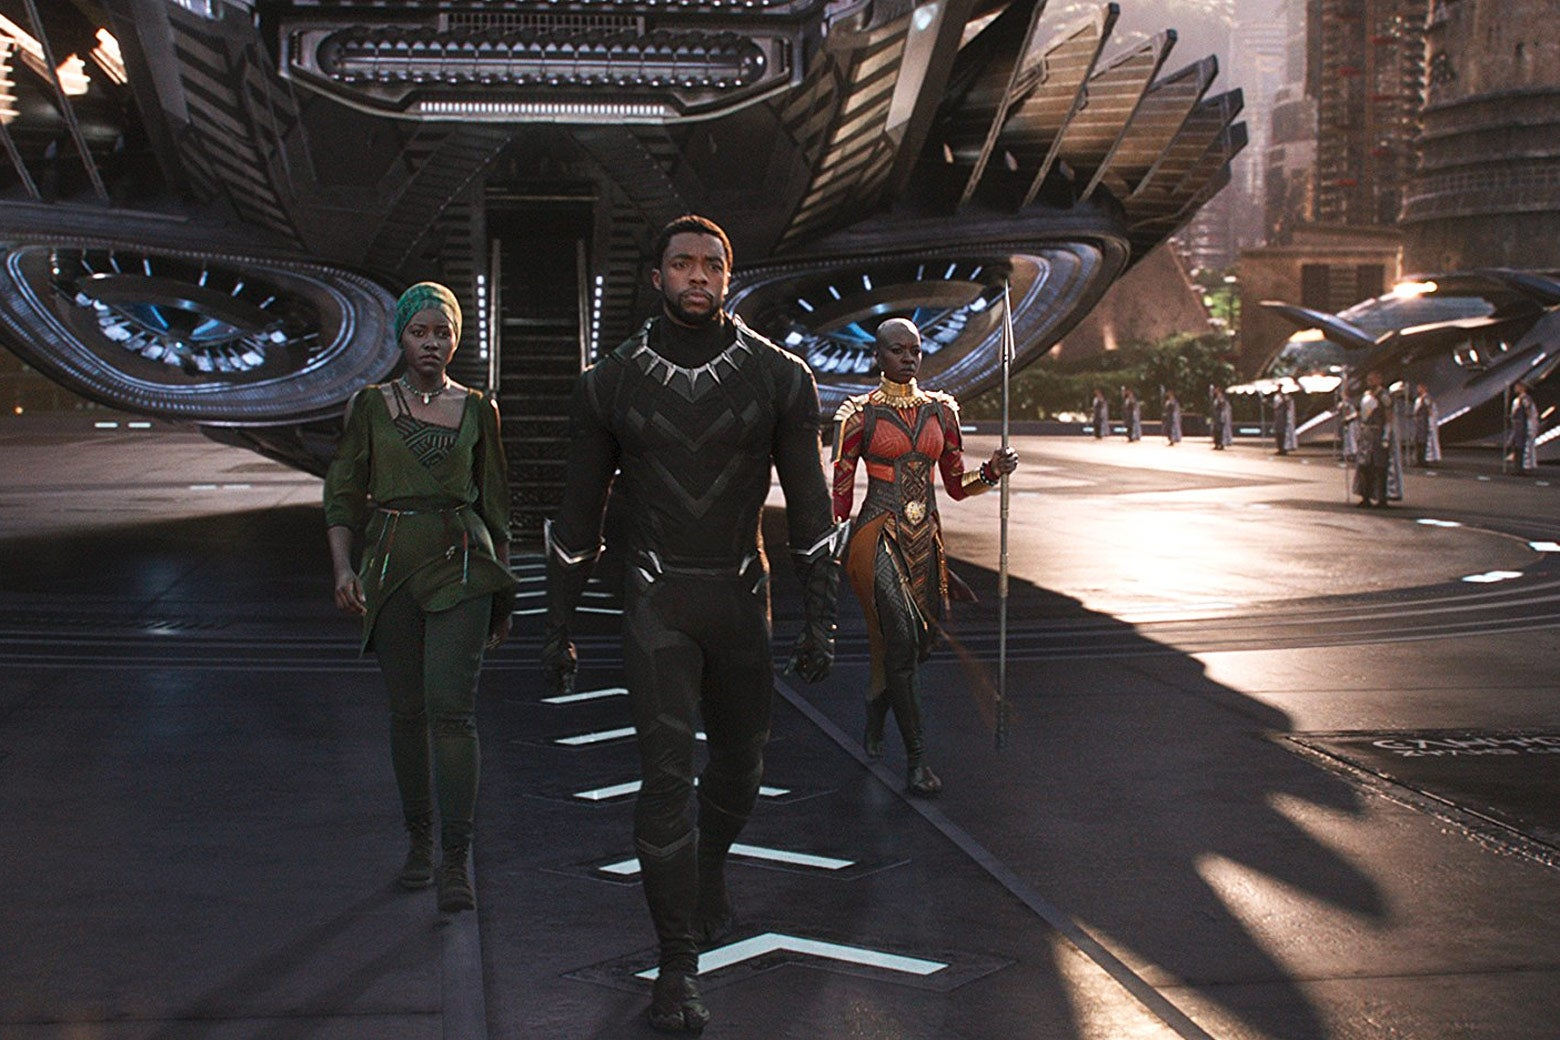 Lupita Nyong'o, Chadwick Boseman, and Danai Gurira in Black Panther.